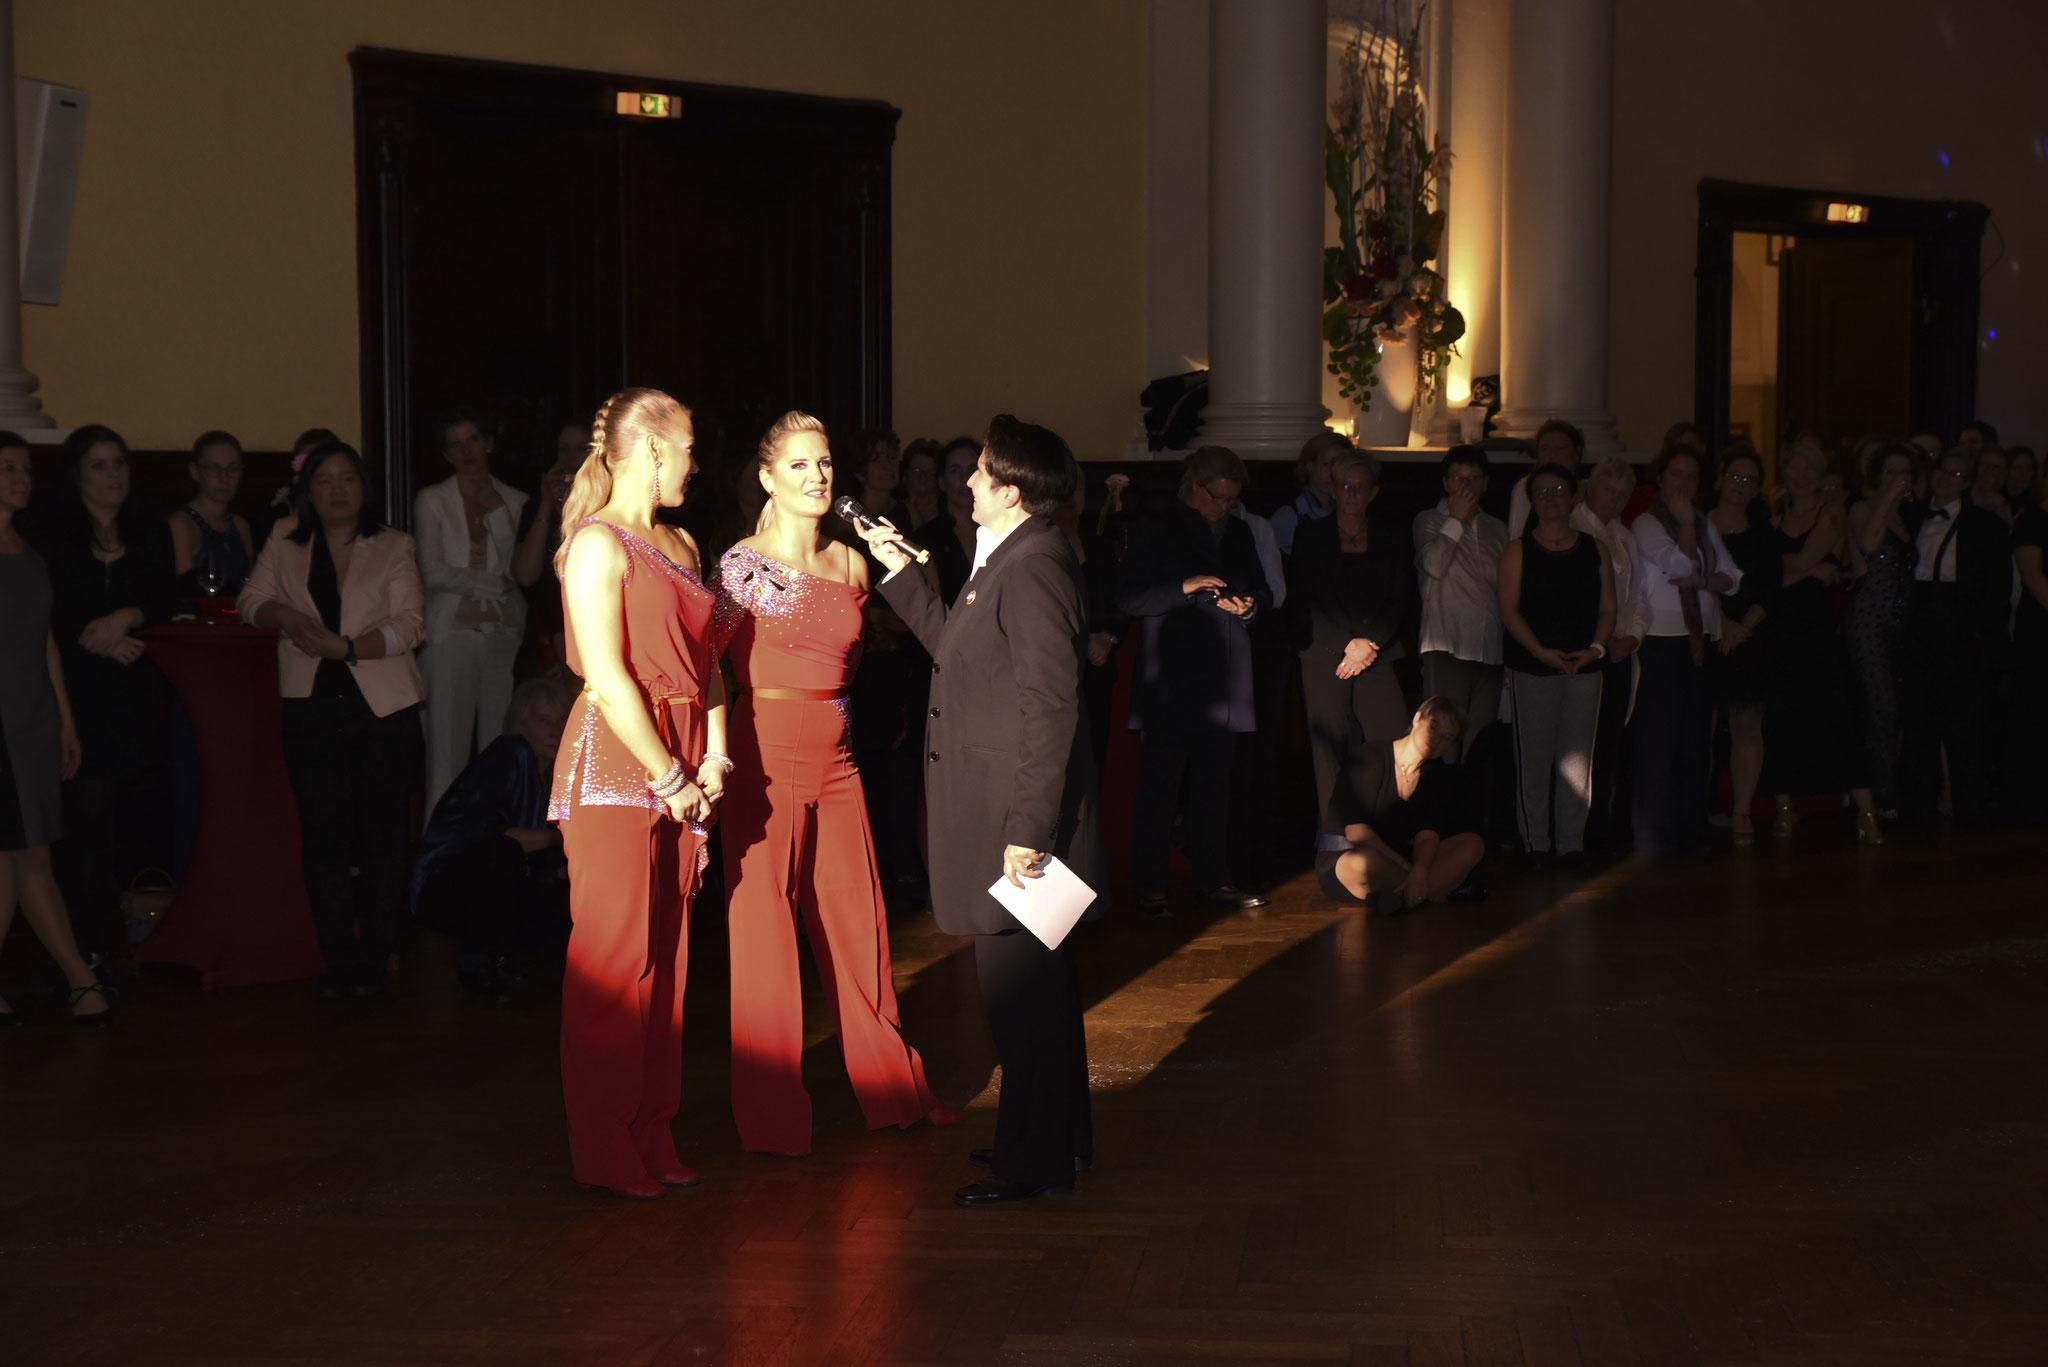 Denise entlockt Ute  & Marina spannende & amüsante Geschichten über Ihre gemeinsame Tanzgeschichte (pic by Karla Pixeljäger)